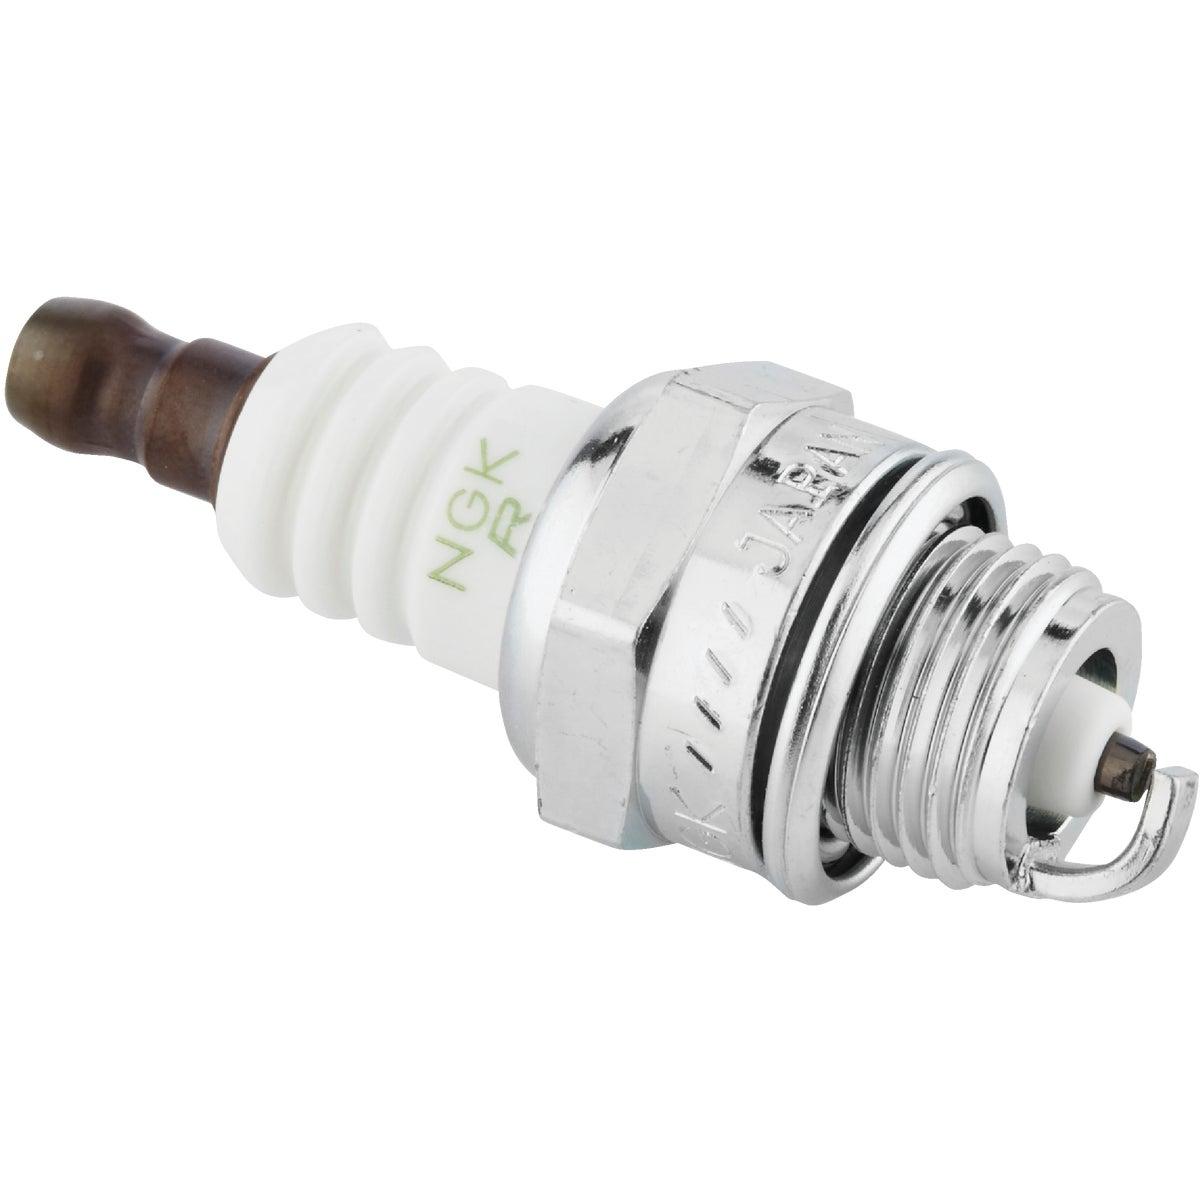 Bpmr8Y Blyb Spark Plug